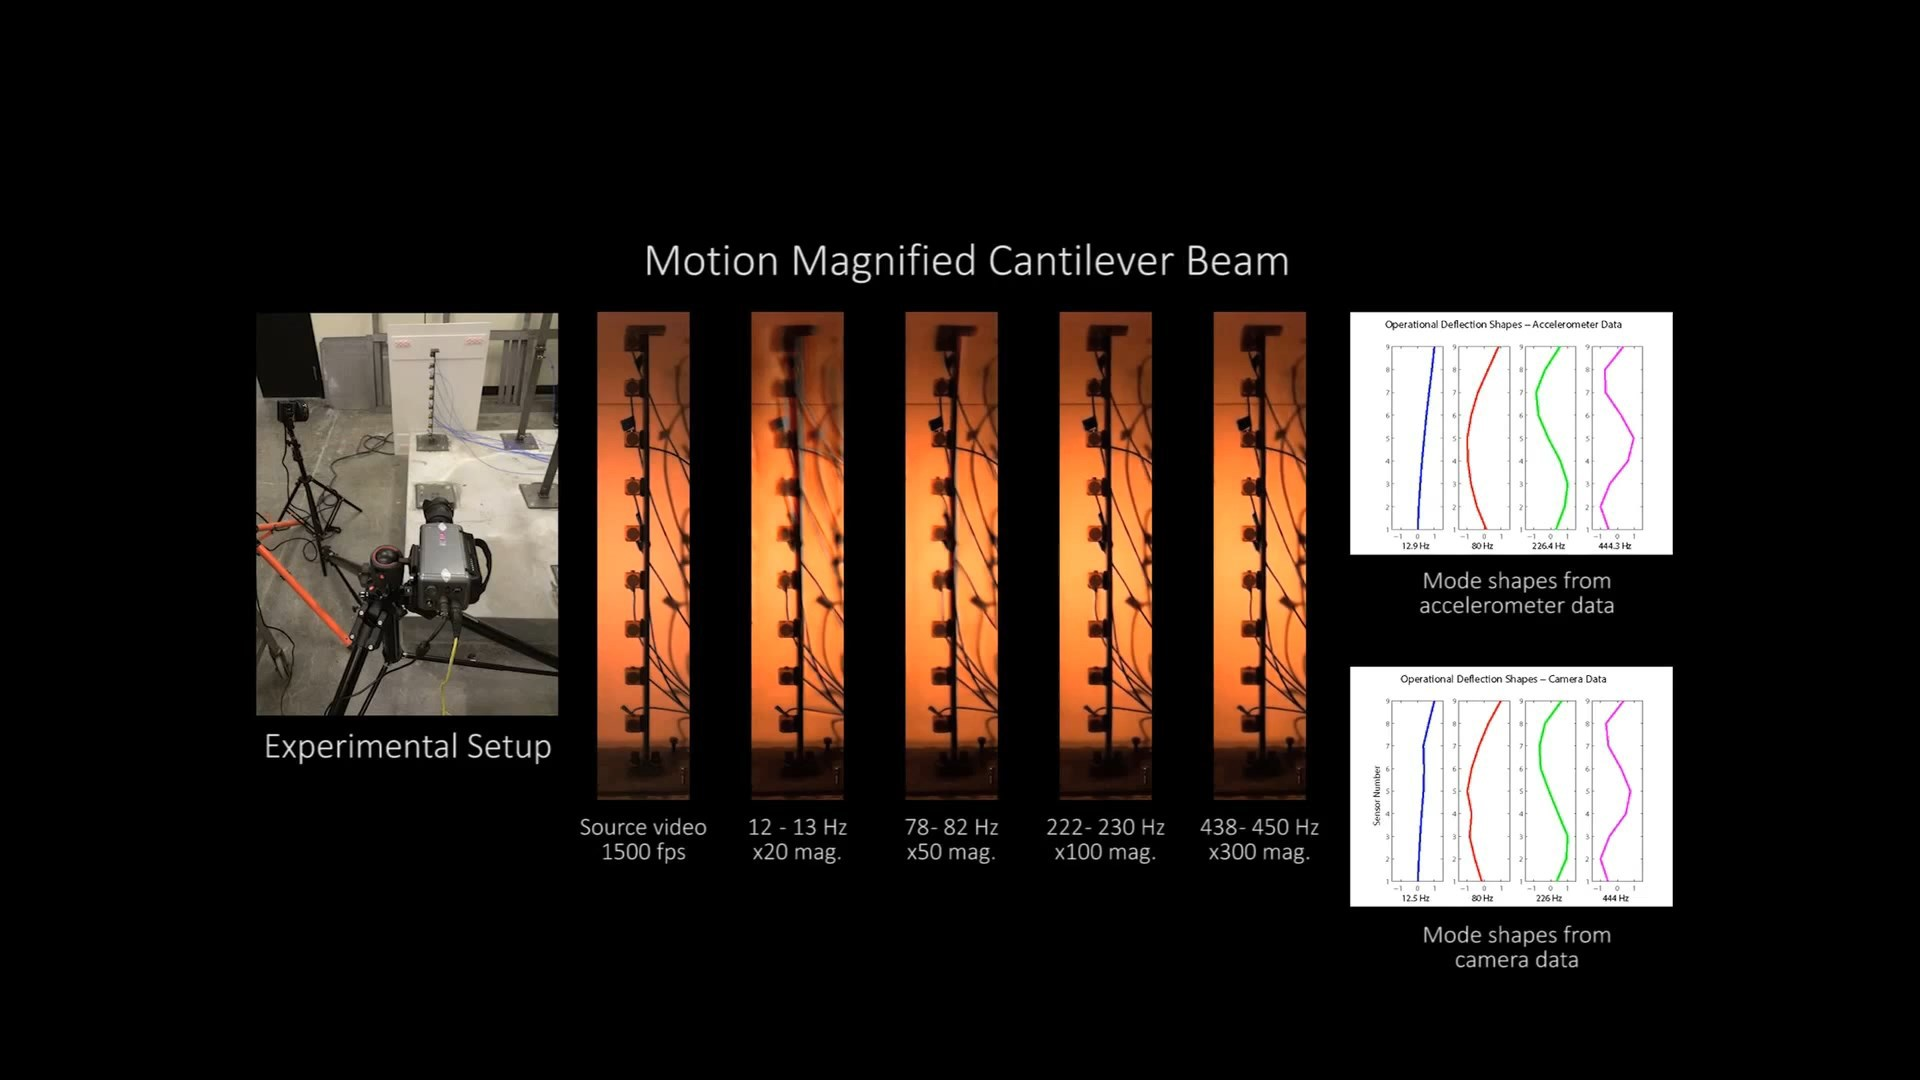 Регистрация колебаний зданий и мостов на видео с помощью алгоритмов - 3